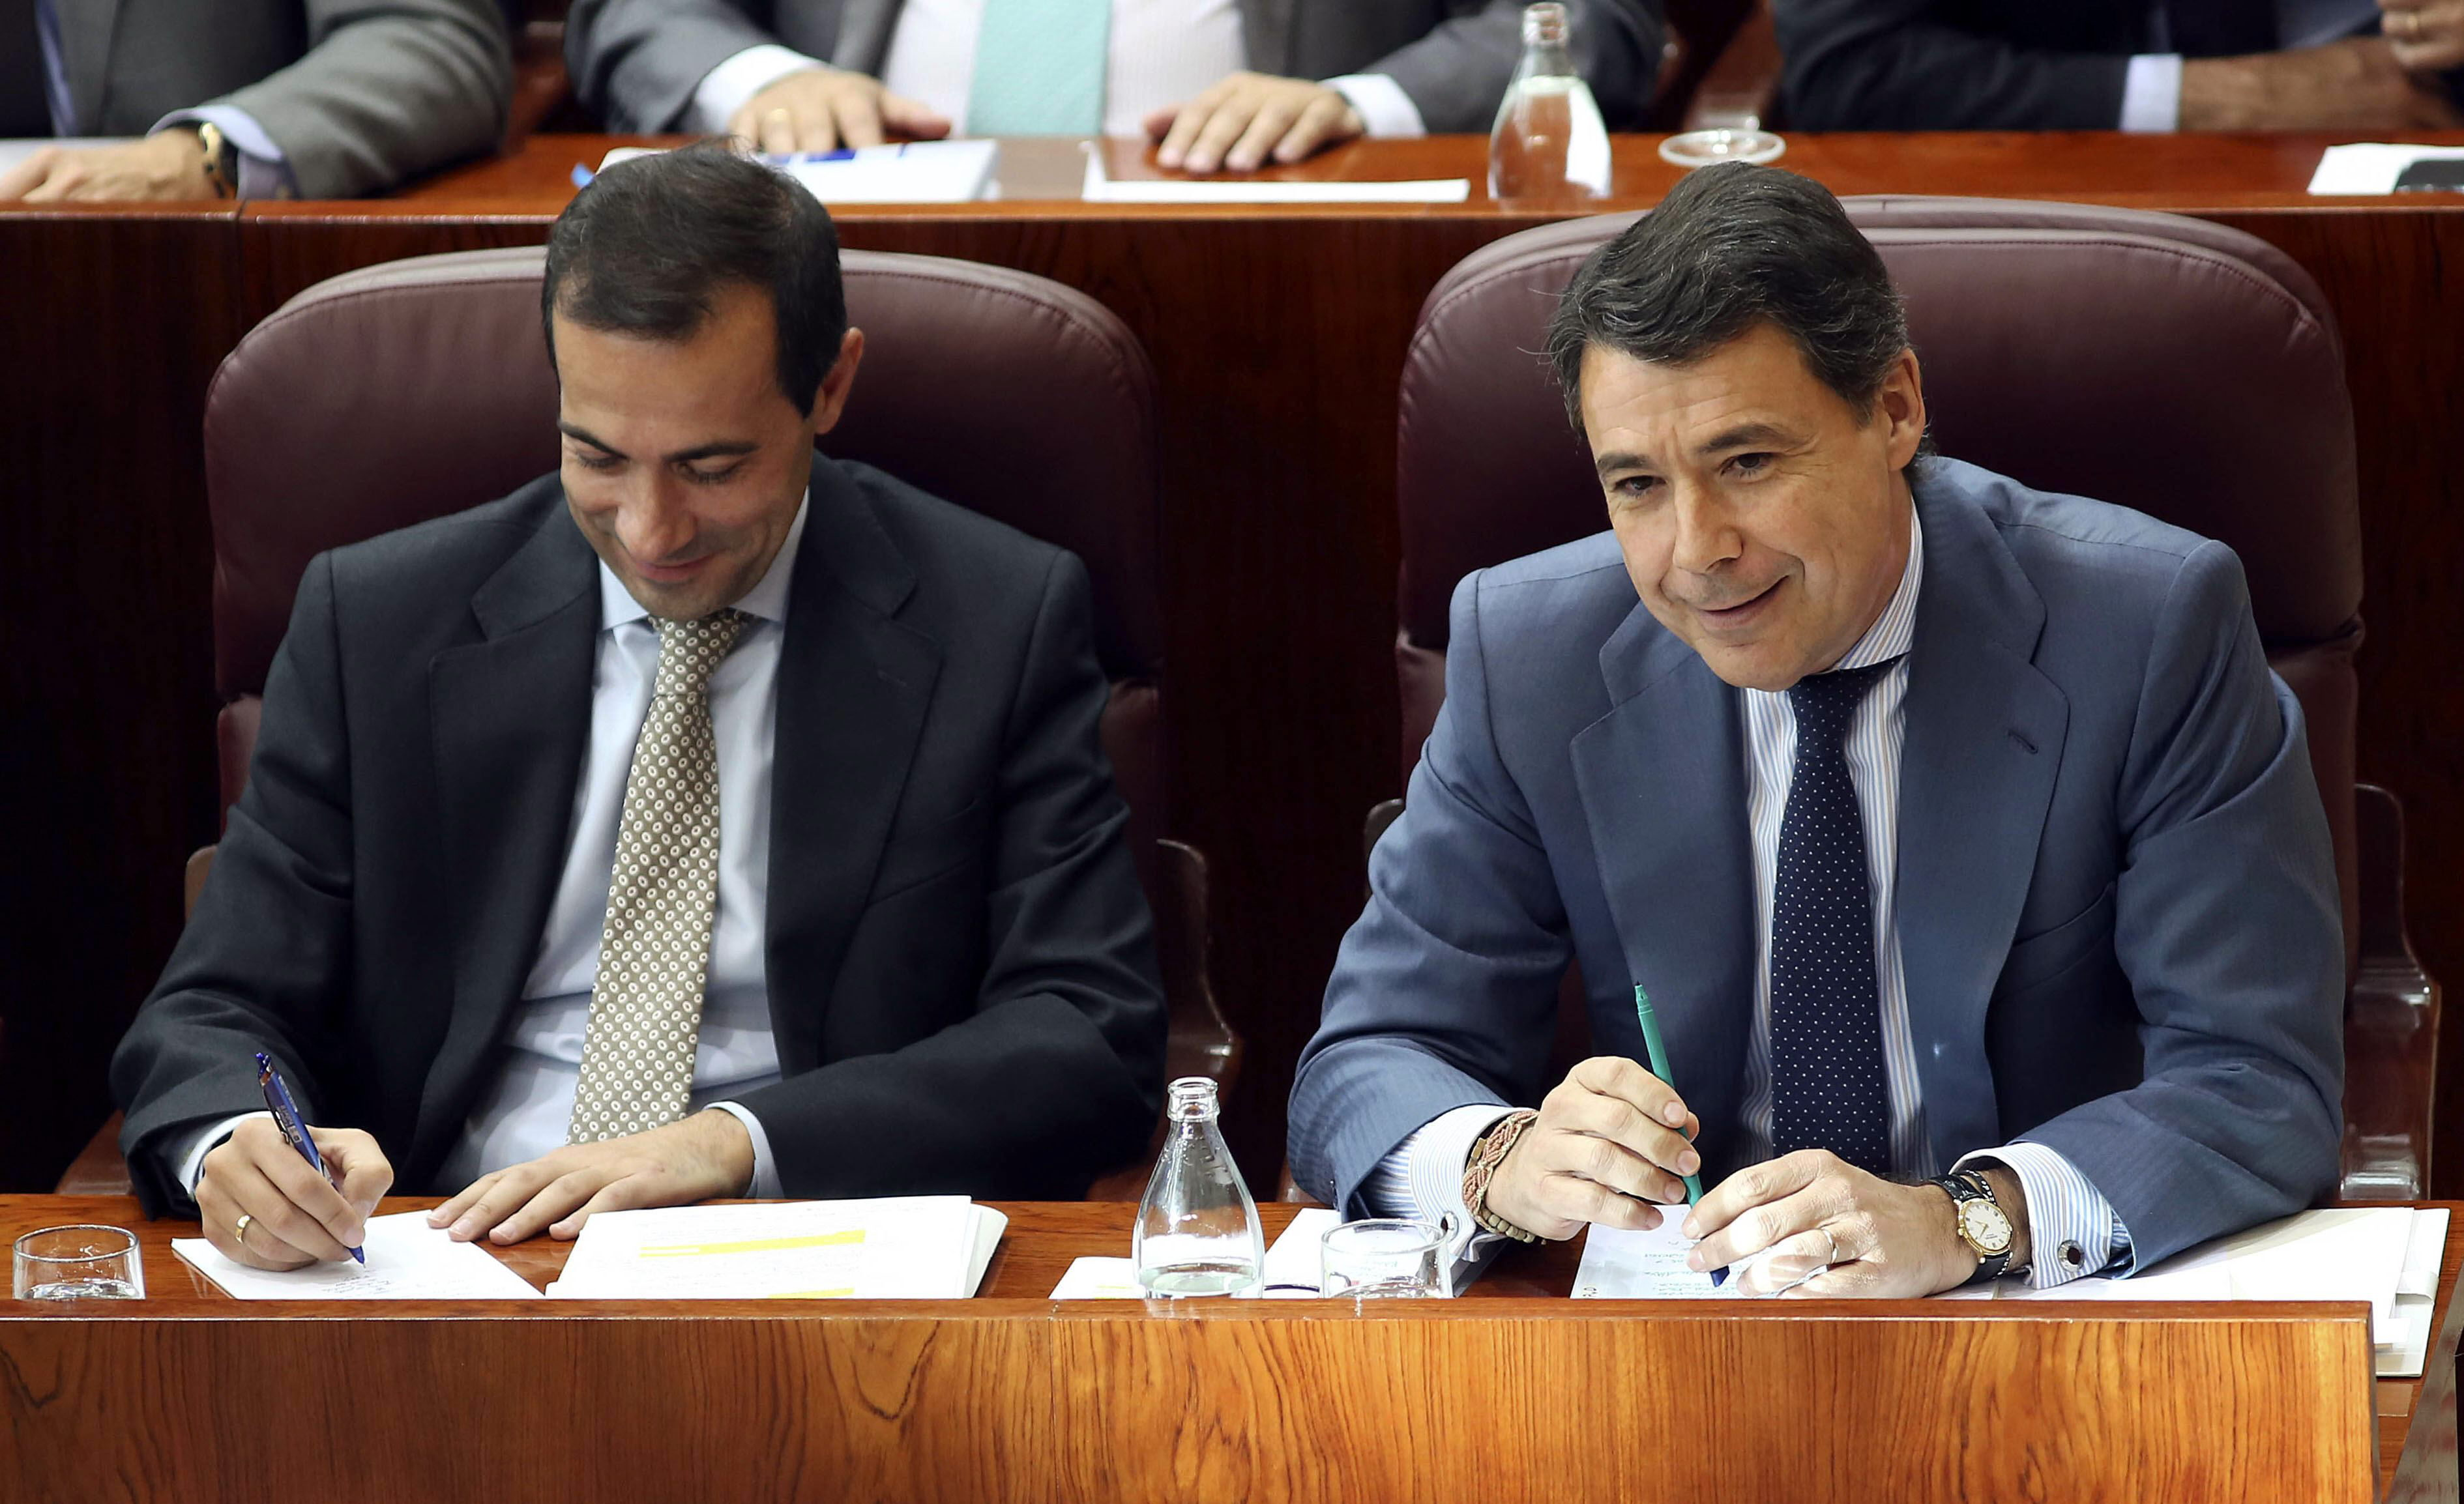 El Gobierno de Madrid cree que todo el PP, también Rajoy, respalda a González